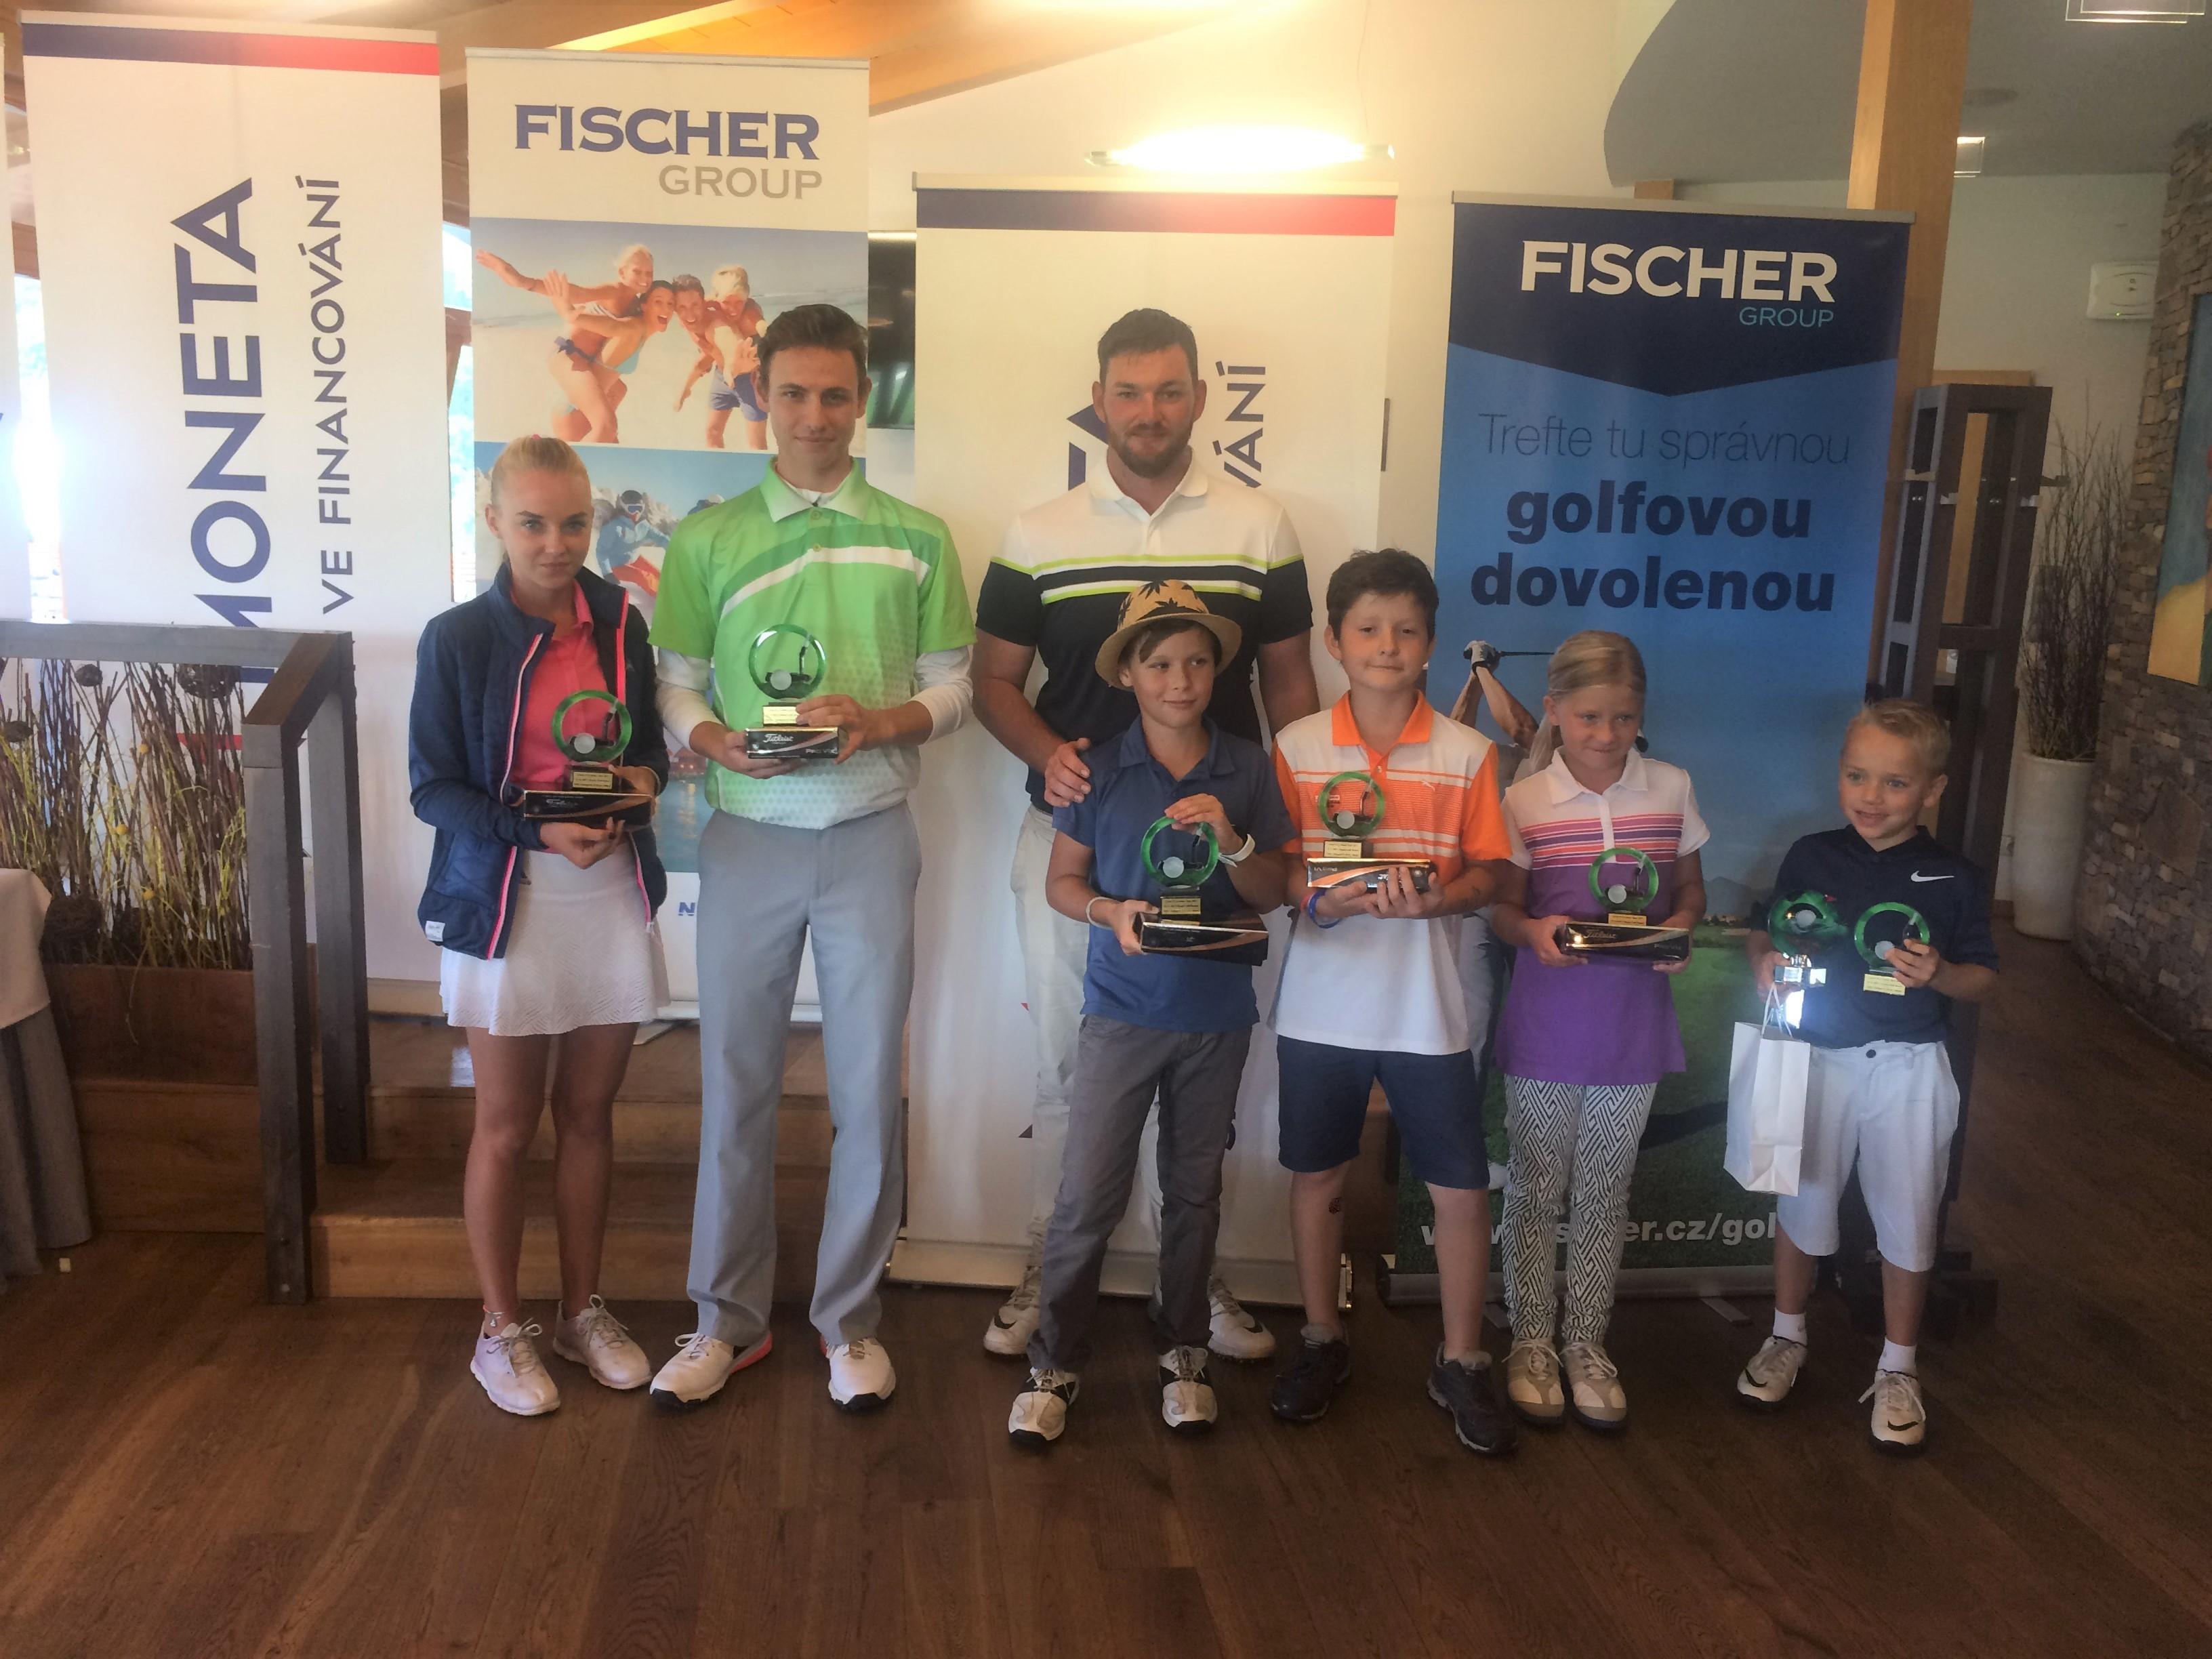 Nejlepší z nejlepších - vítězové Czech PGA Junior Tour v Ropici